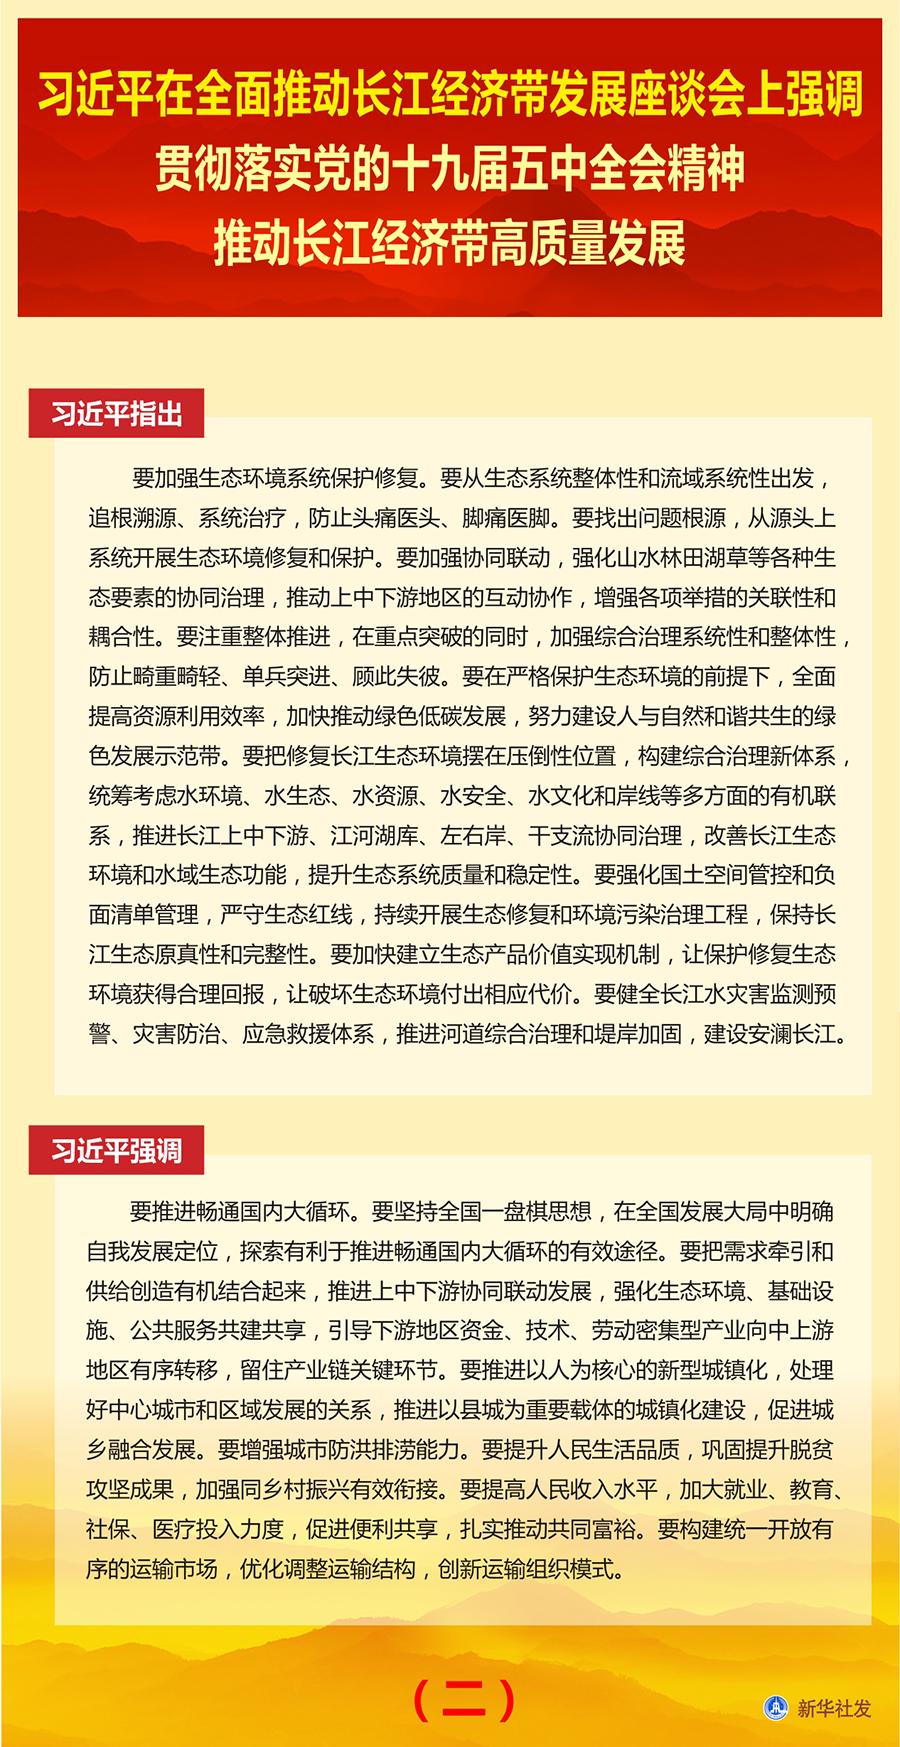 习近平在全面推动长江经济带发展座谈会上强调 贯彻落实党的十九届五中全会精神 推动长江经济带高质量发展